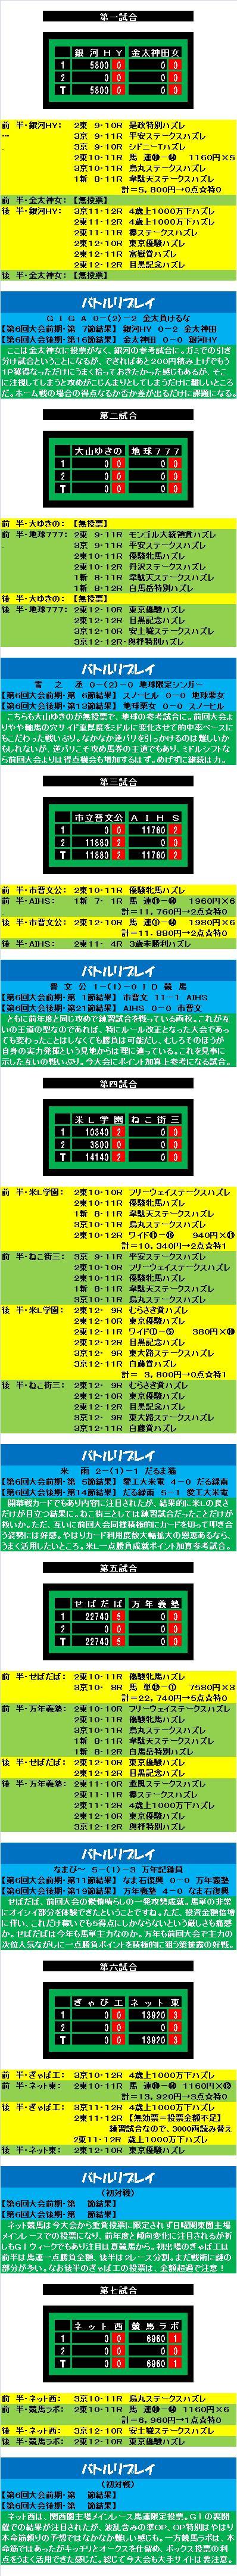 20150613・ダルマンリーグ練習試合A後半終了リプレイスコア③.jpg